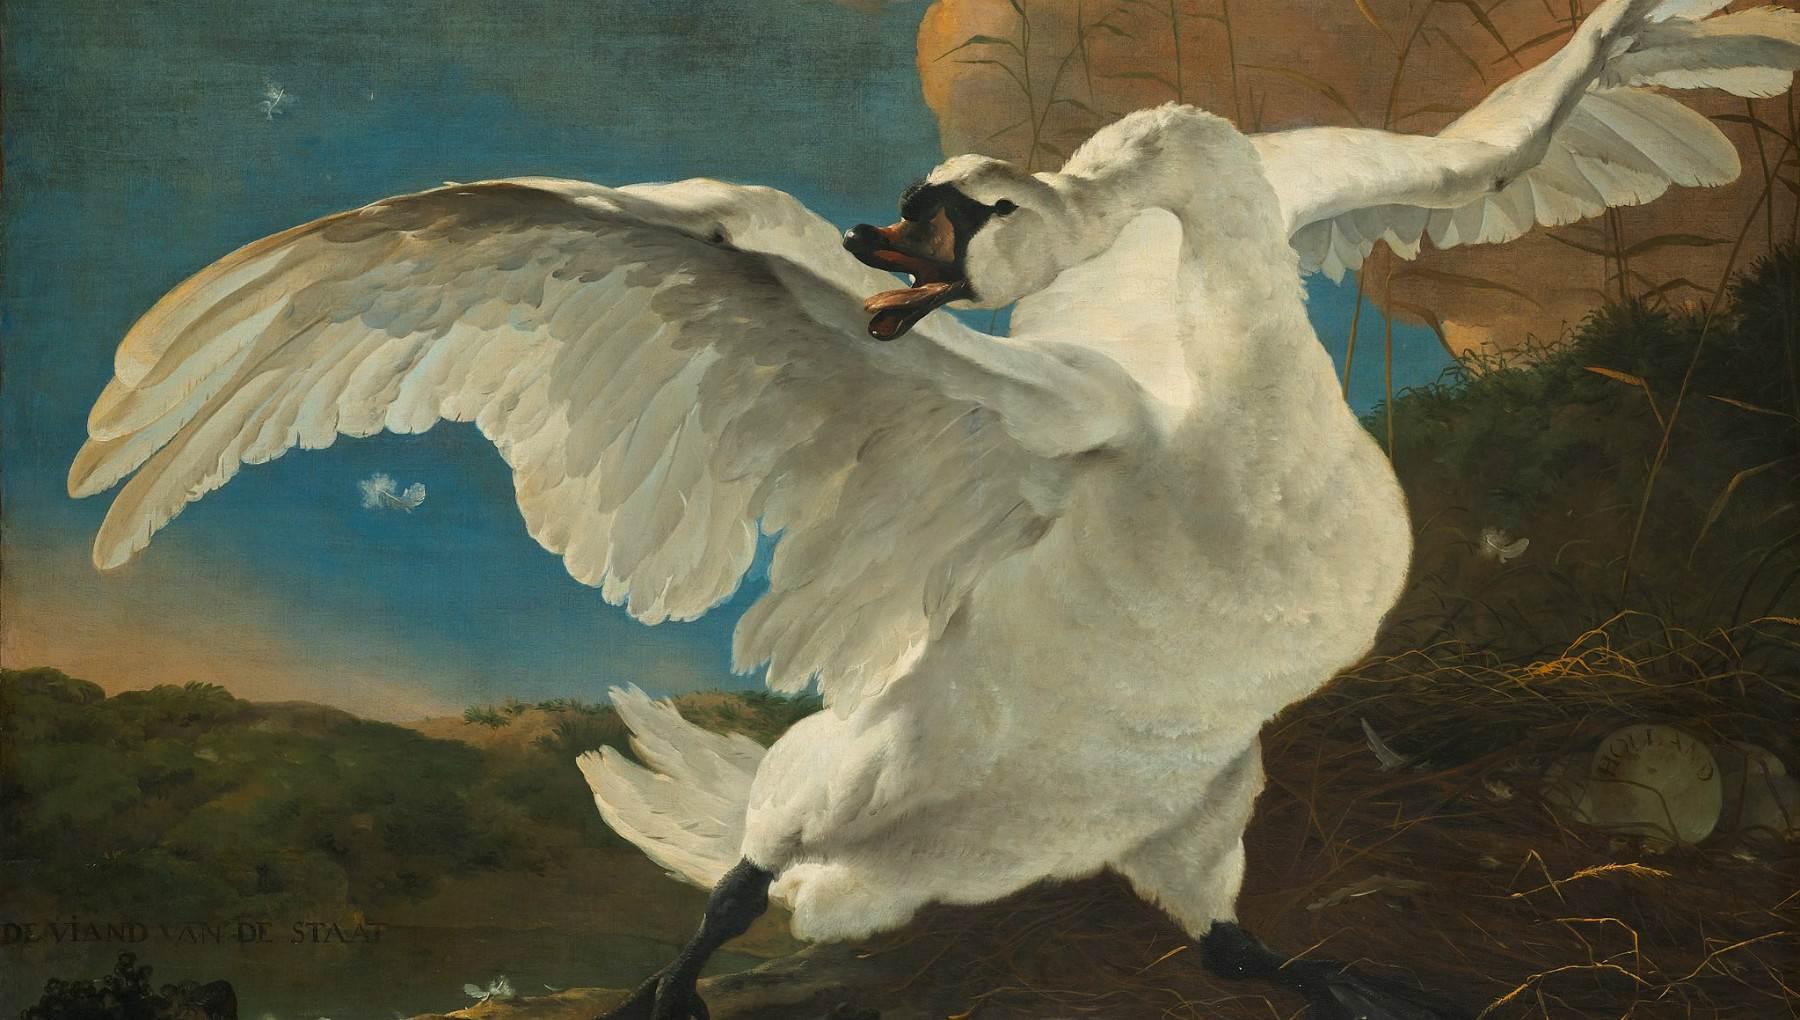 Rijksmuseum-The-Threatened-Swan